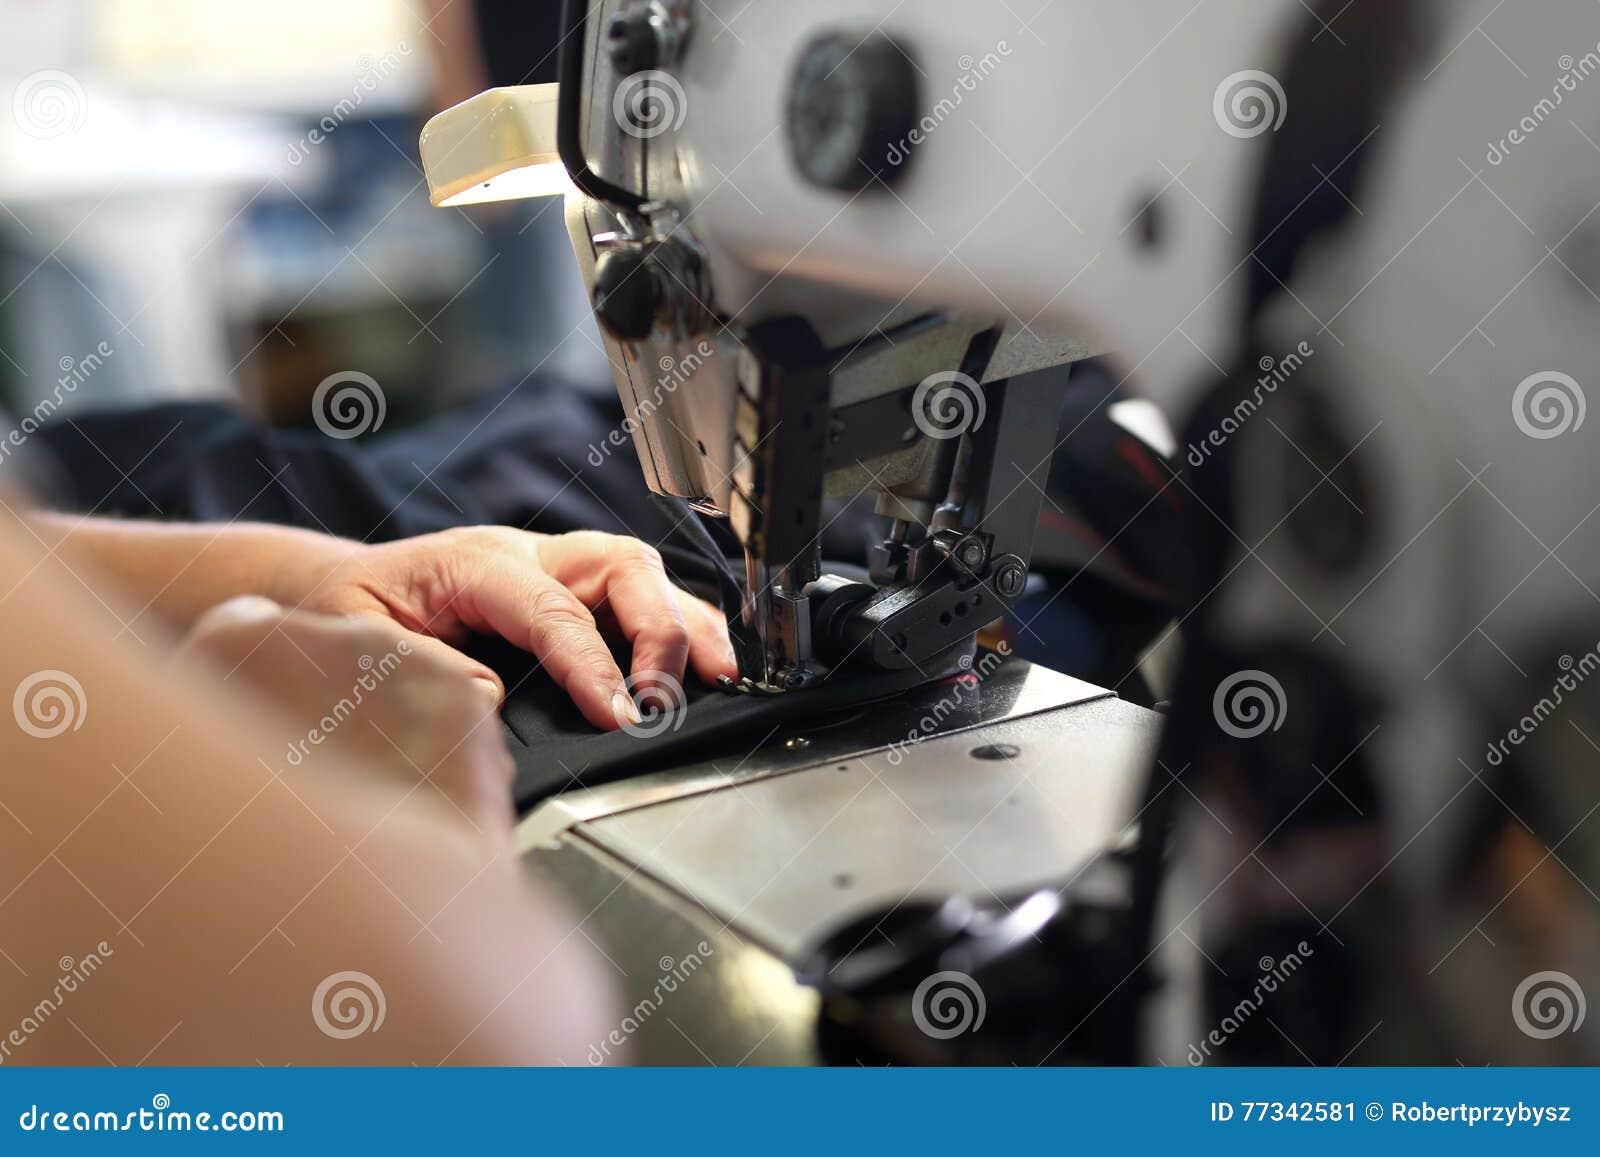 Produção de roupa, costurando em uma máquina